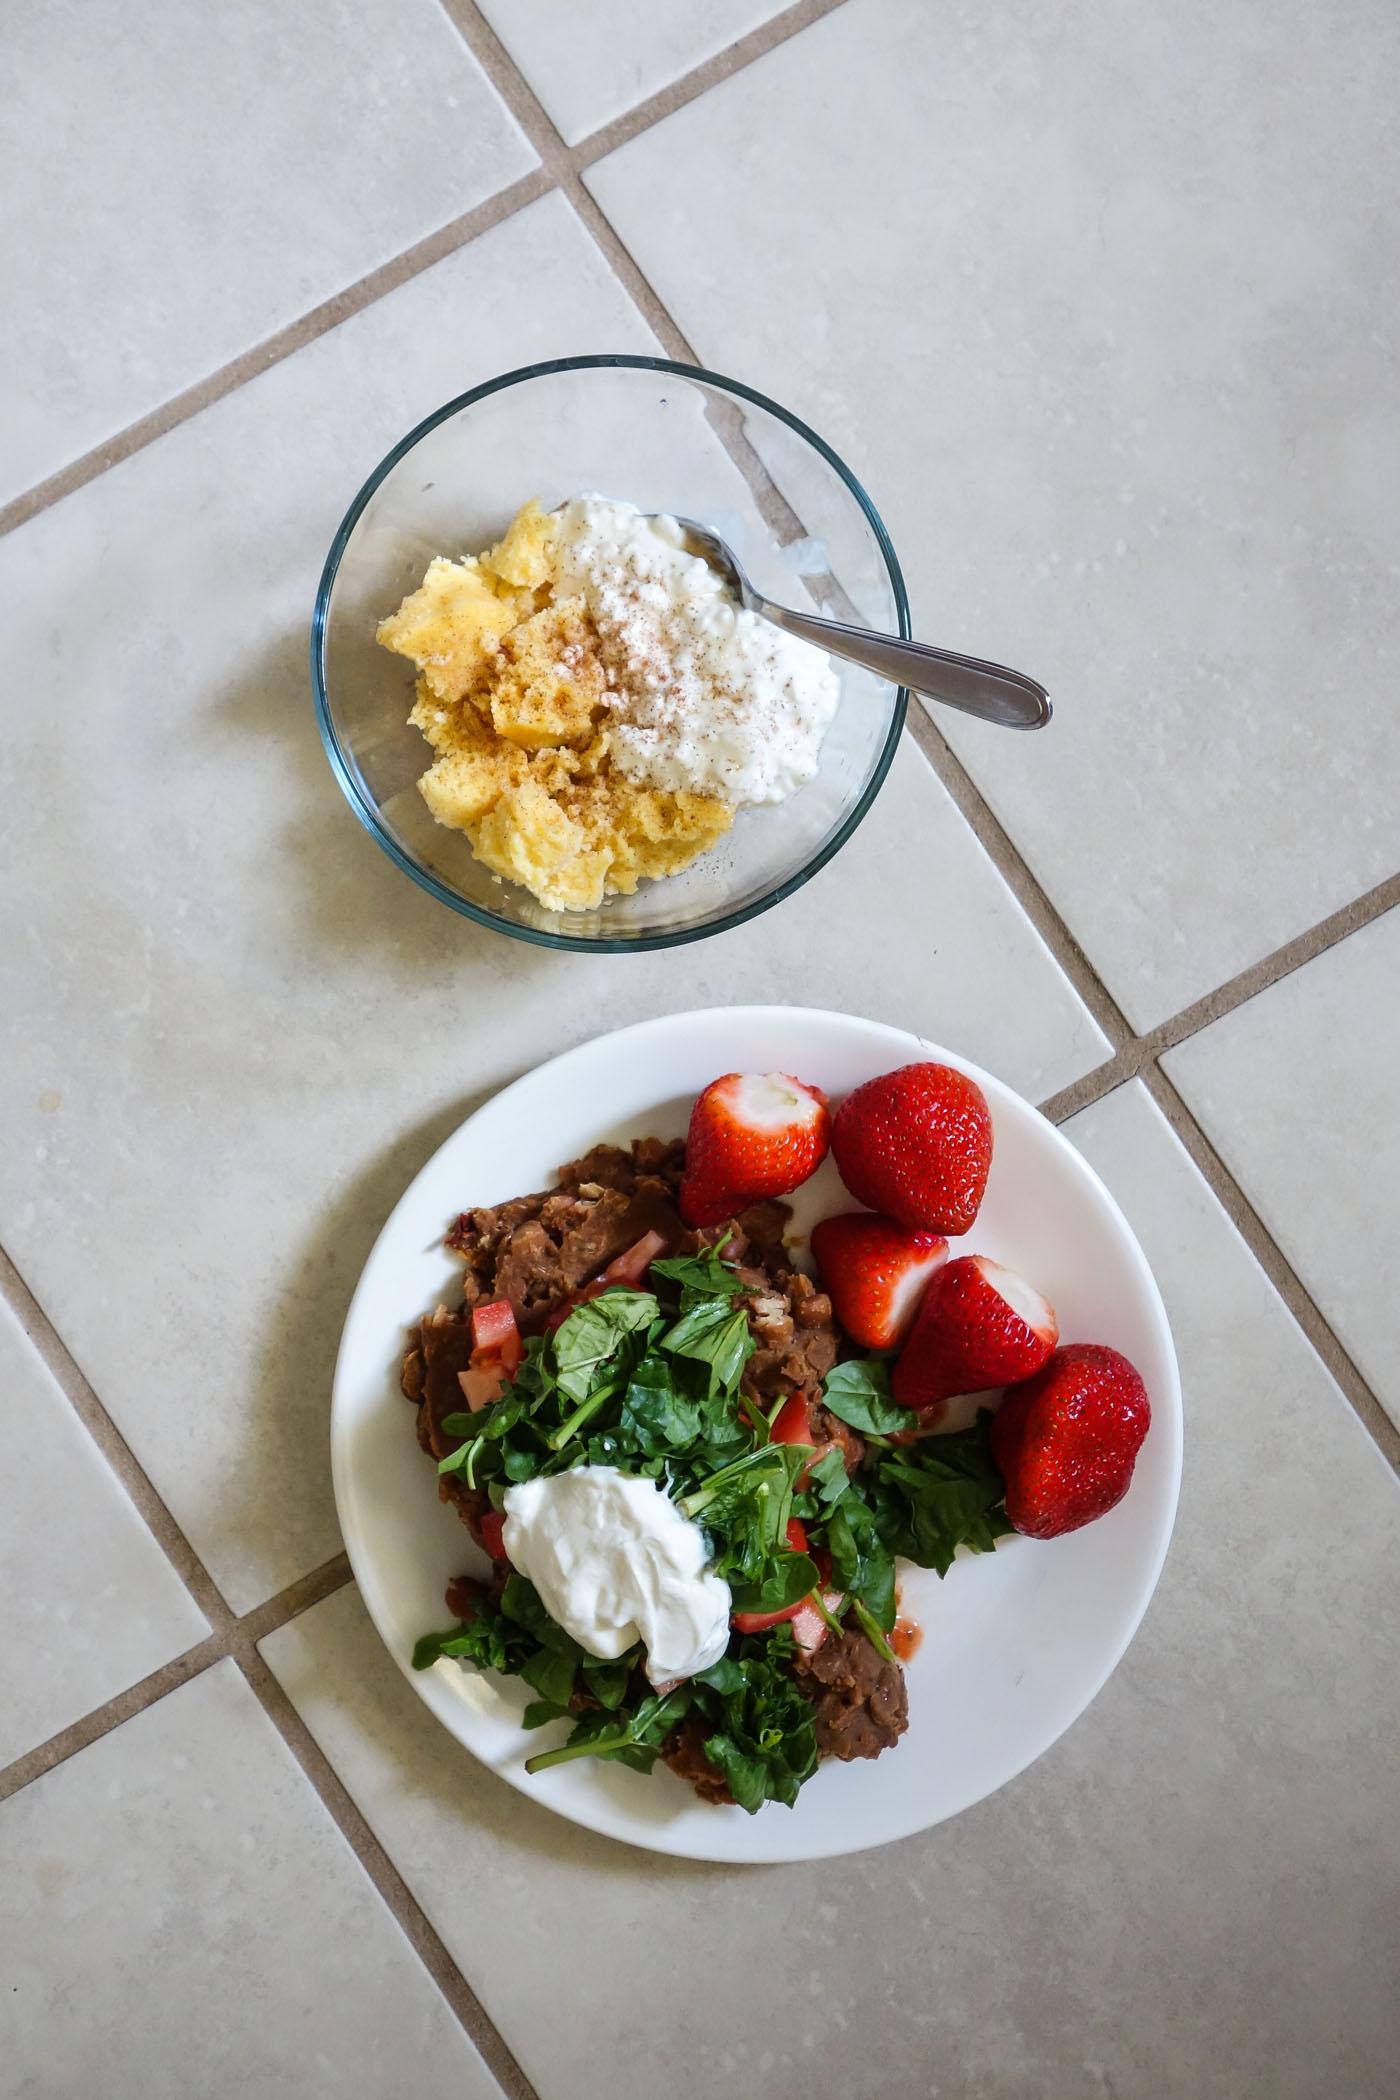 What I Ate - August 2019 - Briana-Thomas.com